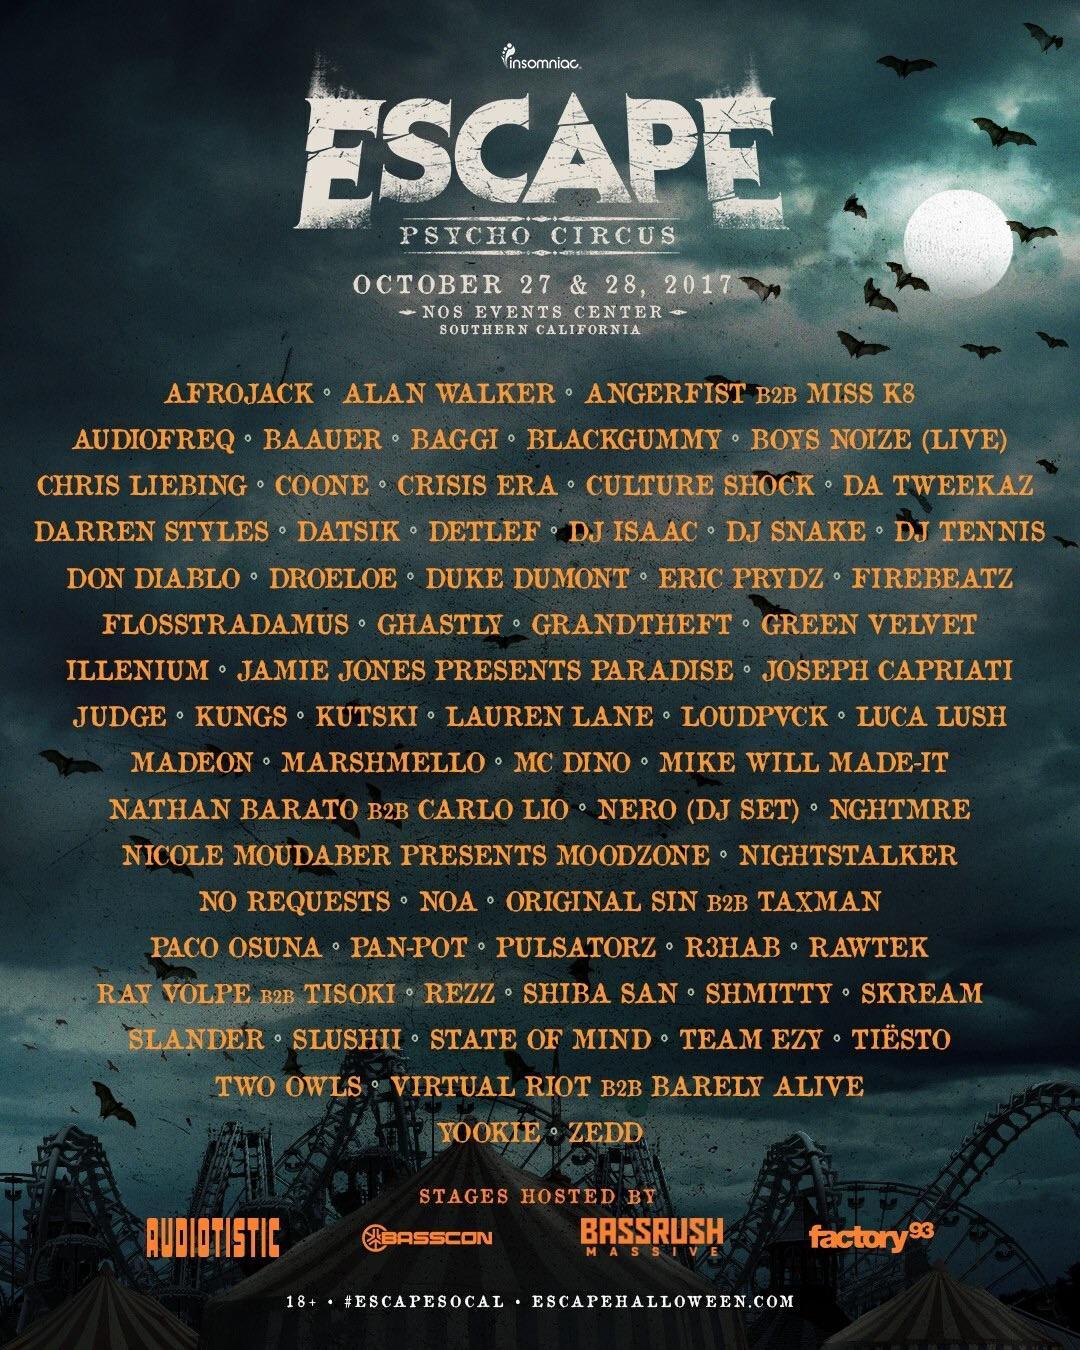 Escape 2017 lineup